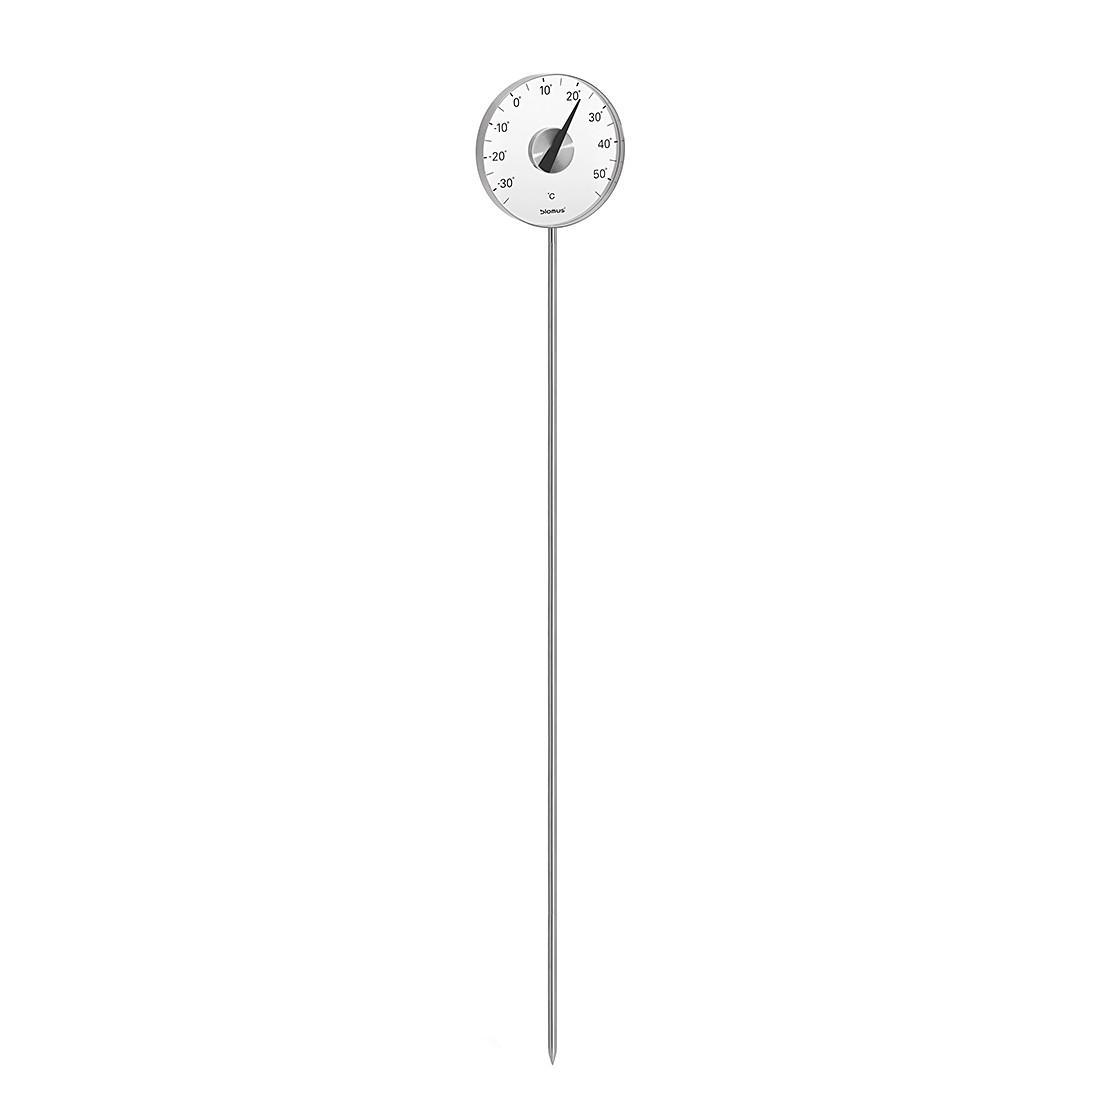 Gartenthermometer Grado – Erdspieß (Celsius), Blomus jetzt kaufen